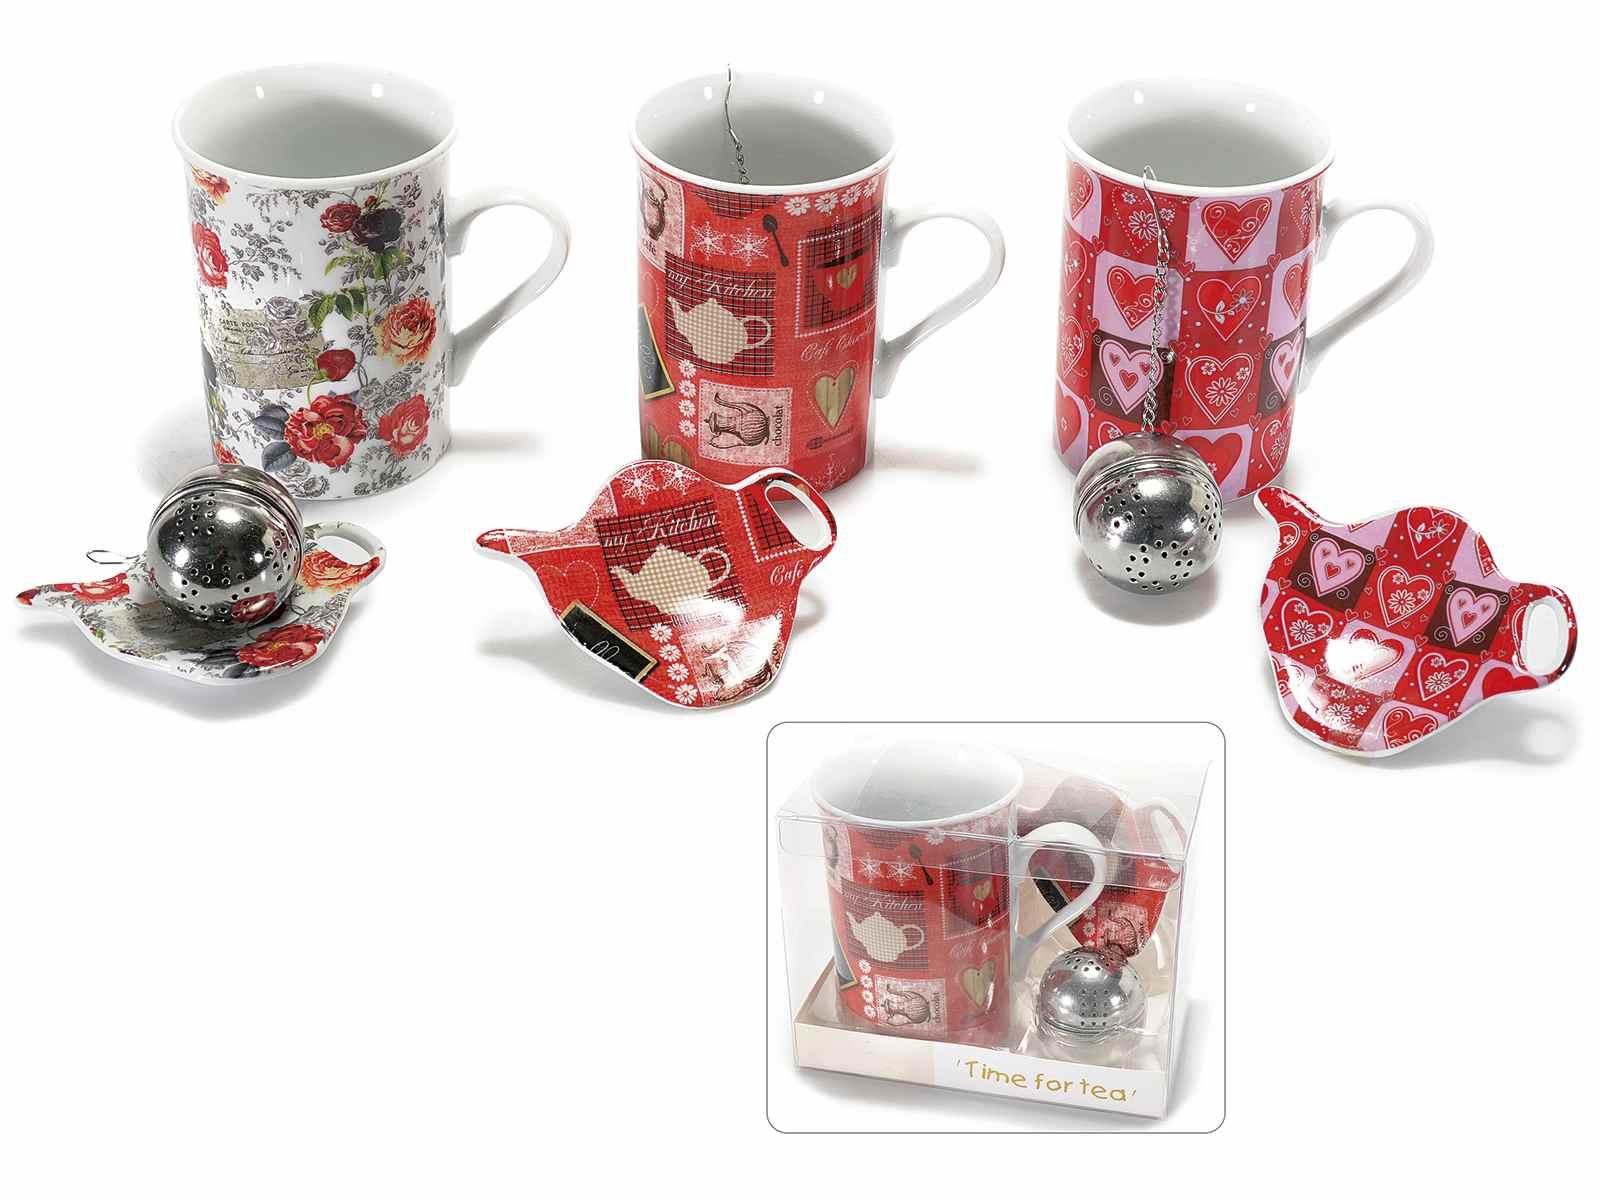 set tasse et soucoupe en porcelaine avec filtre en metal art from italy. Black Bedroom Furniture Sets. Home Design Ideas